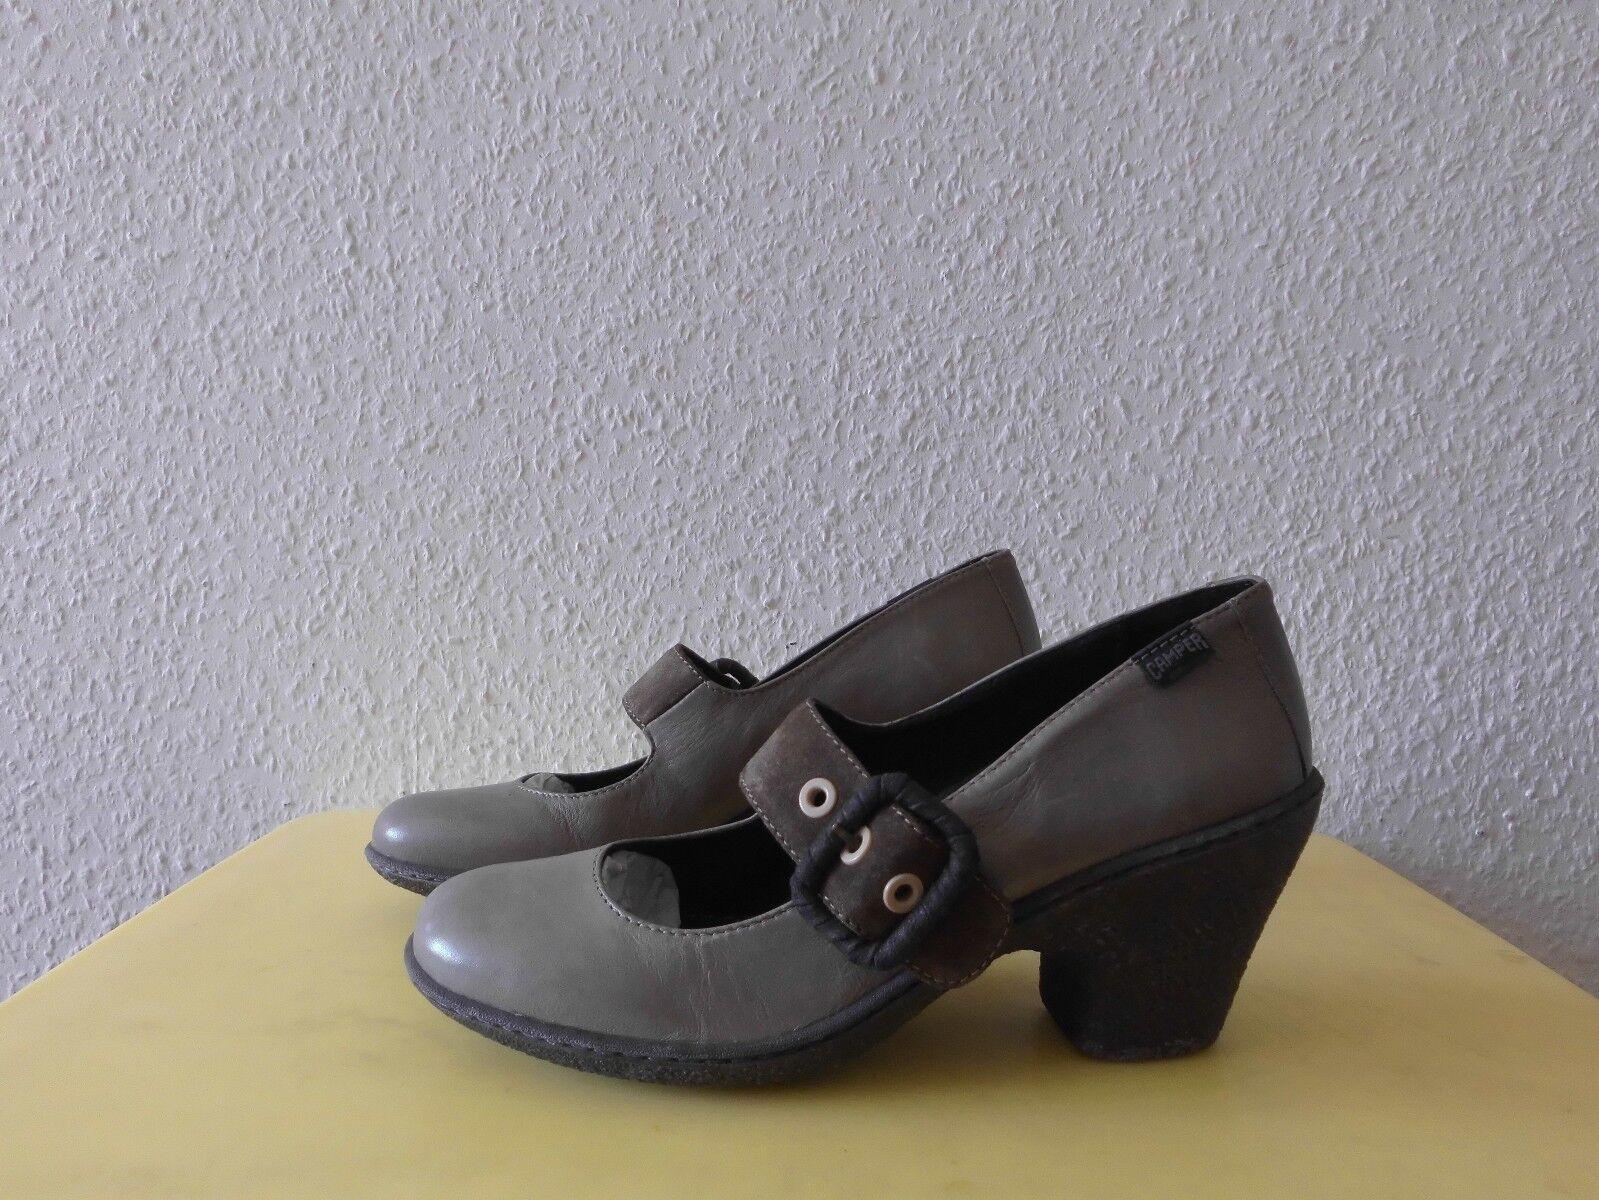 Schuhe Pumps  Camper  Gr.39  Leder  TOP